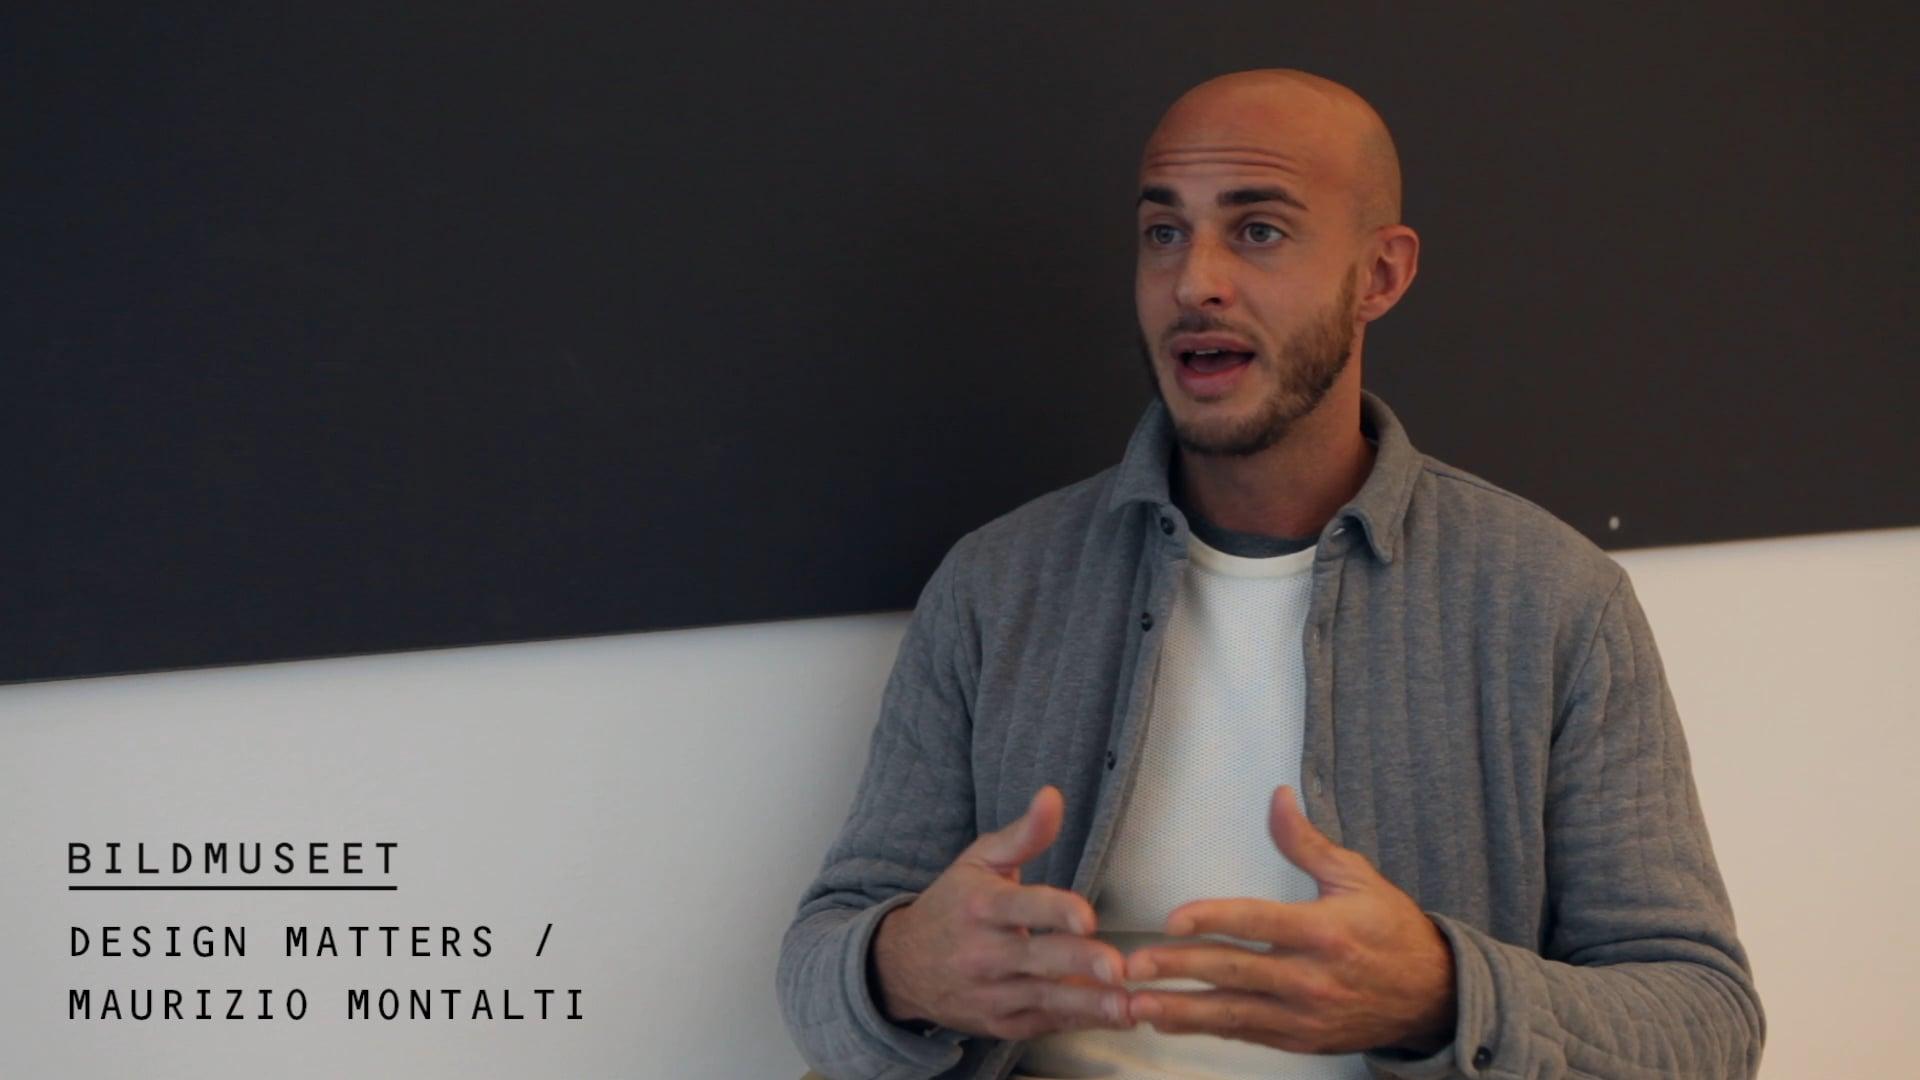 Film: Design Matters / Maurizio Montalti